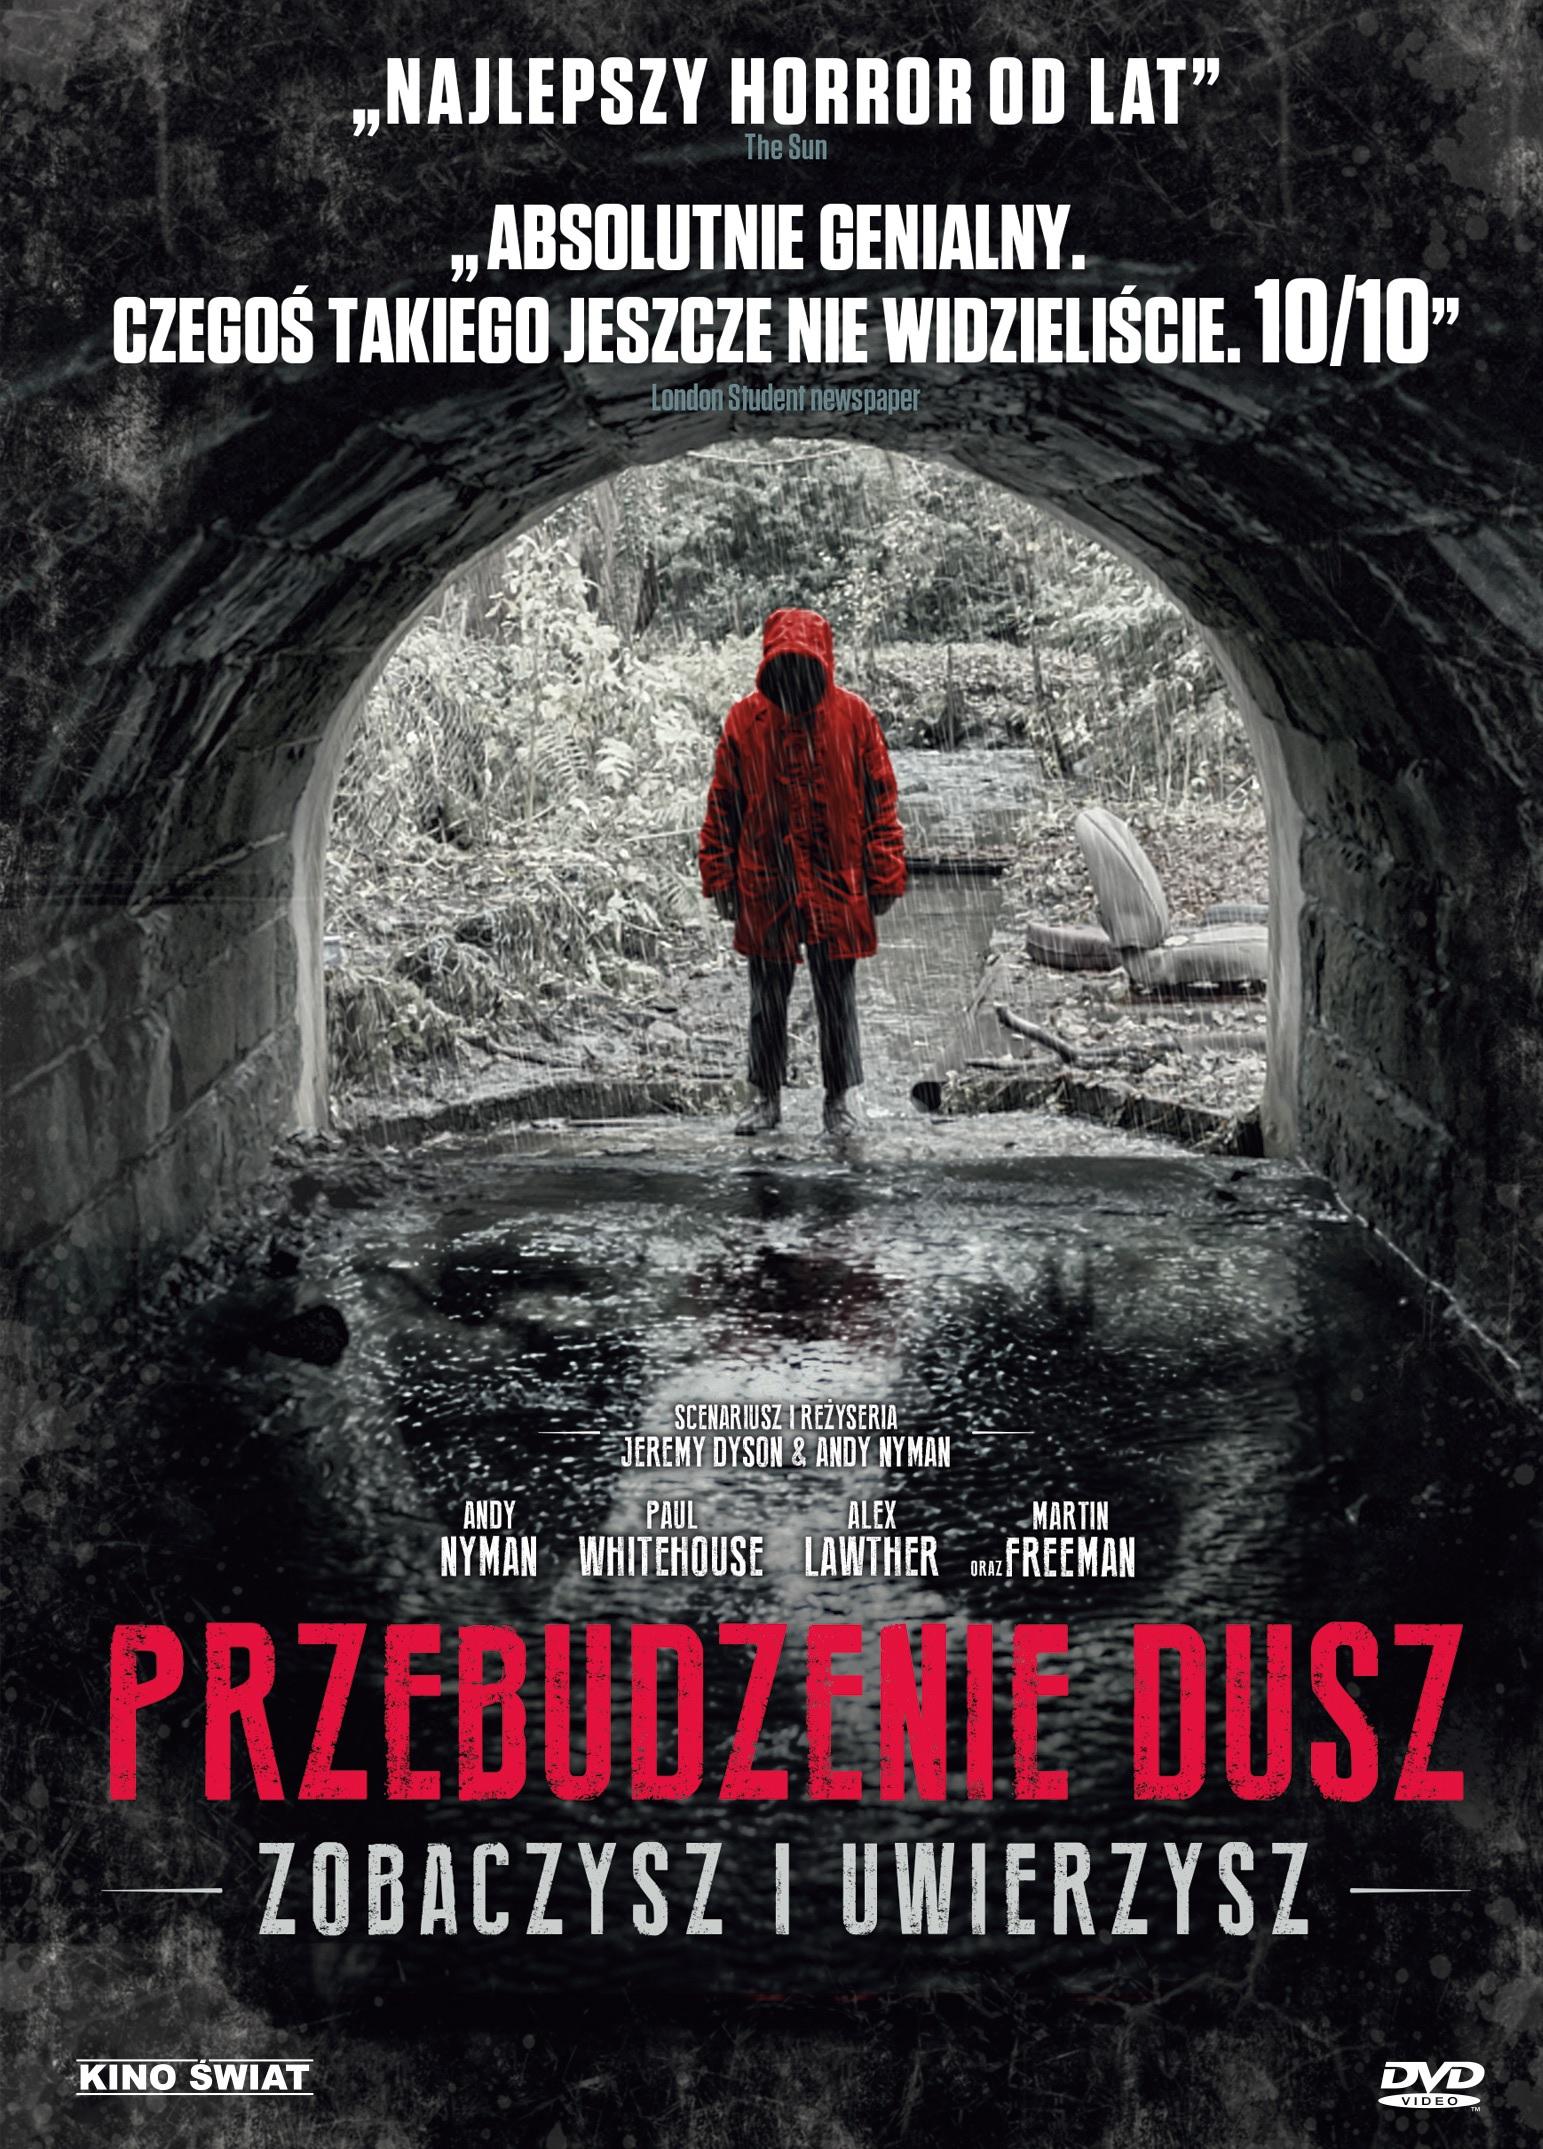 Przebudzenie-dusz_(1str-DVD)